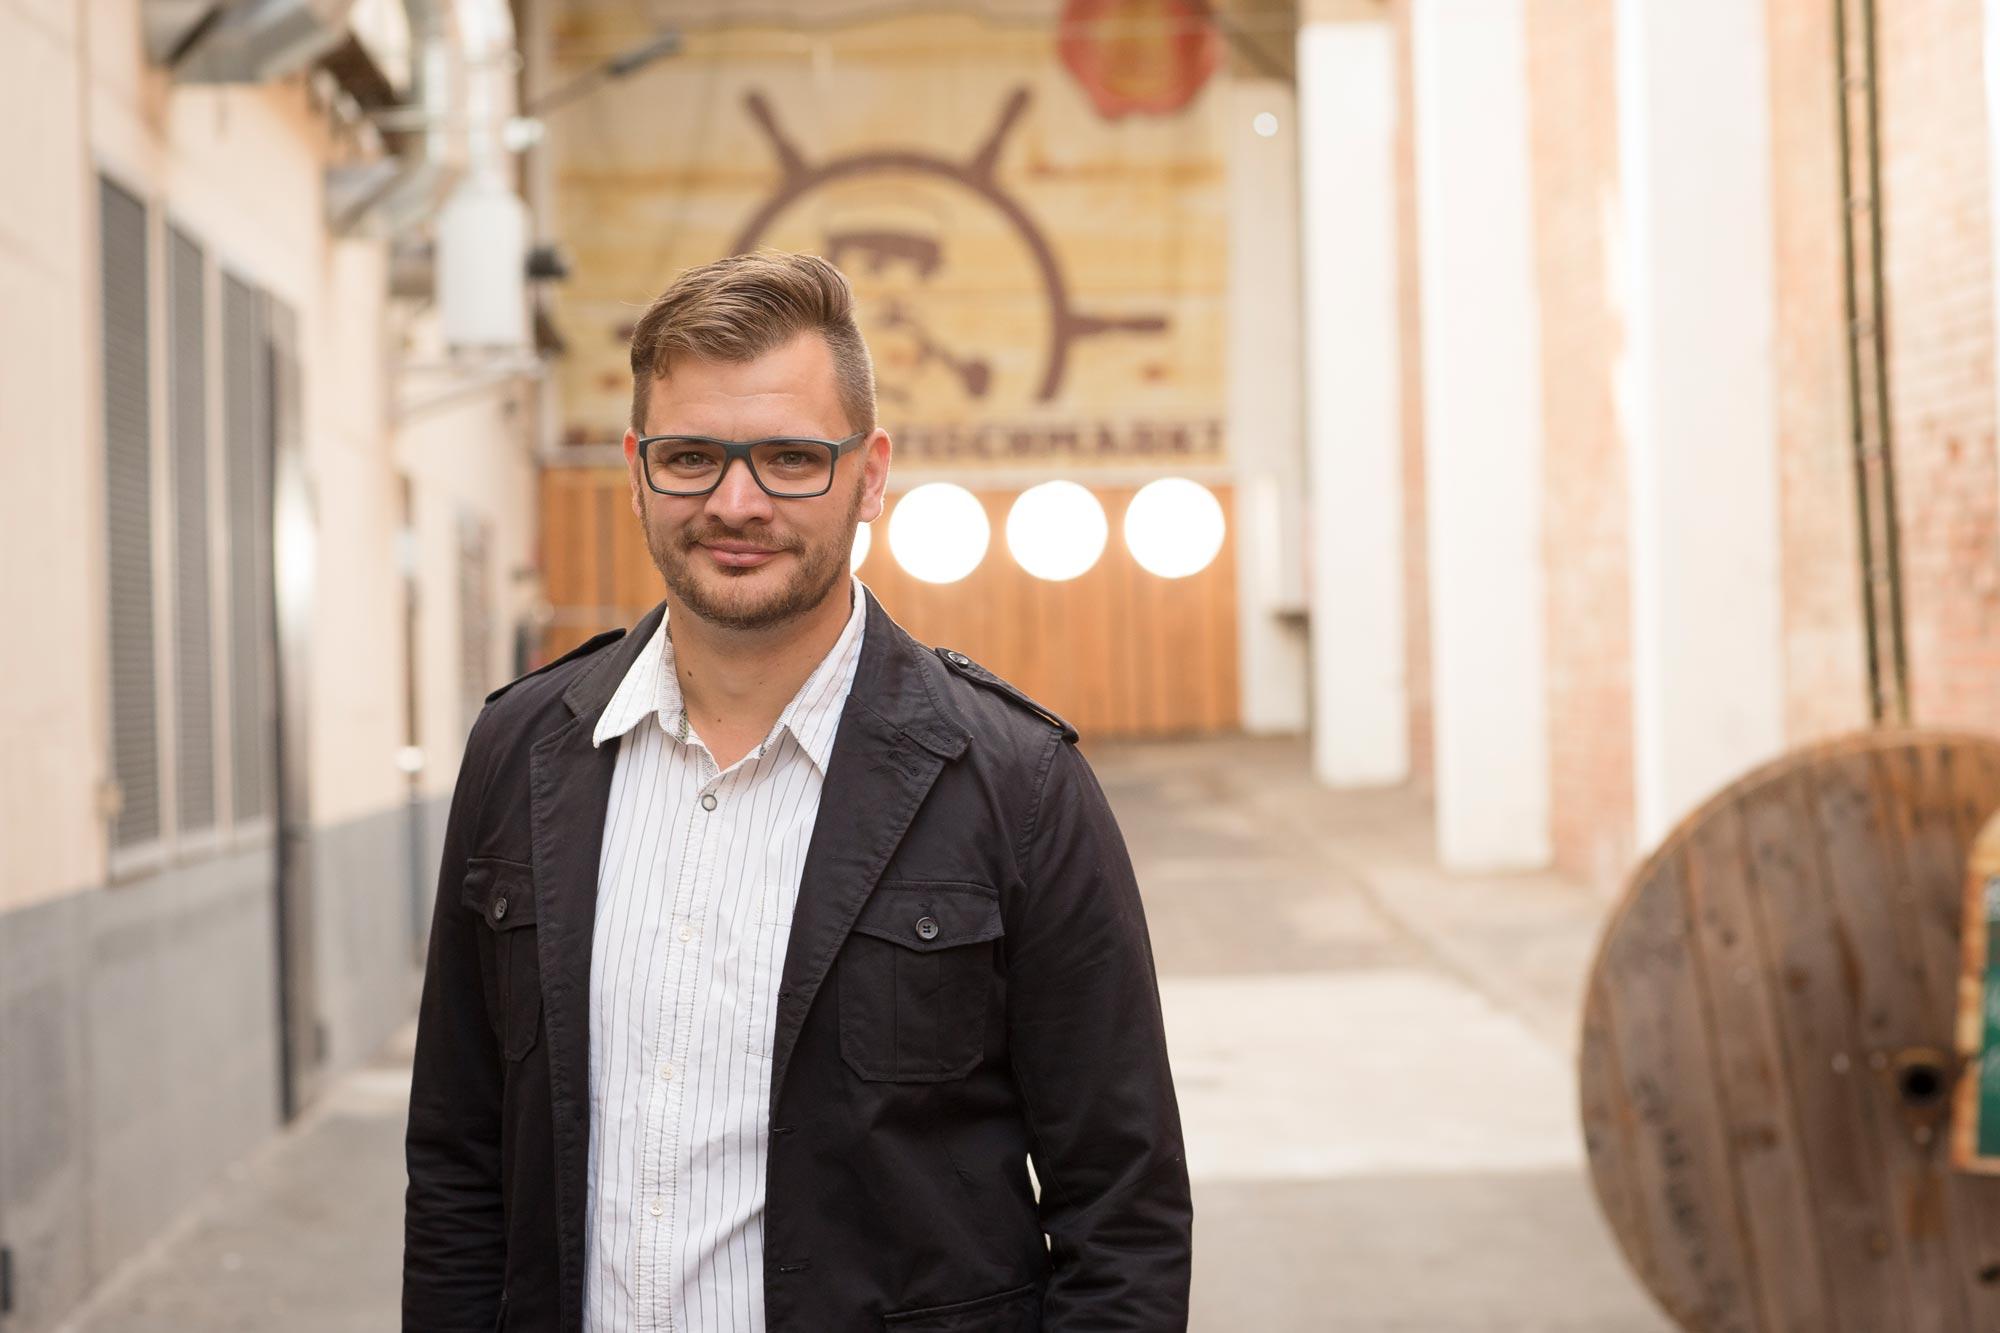 Andreas Techow ist Augenoptiker bei Optik Sagawe im Rostocker Hof